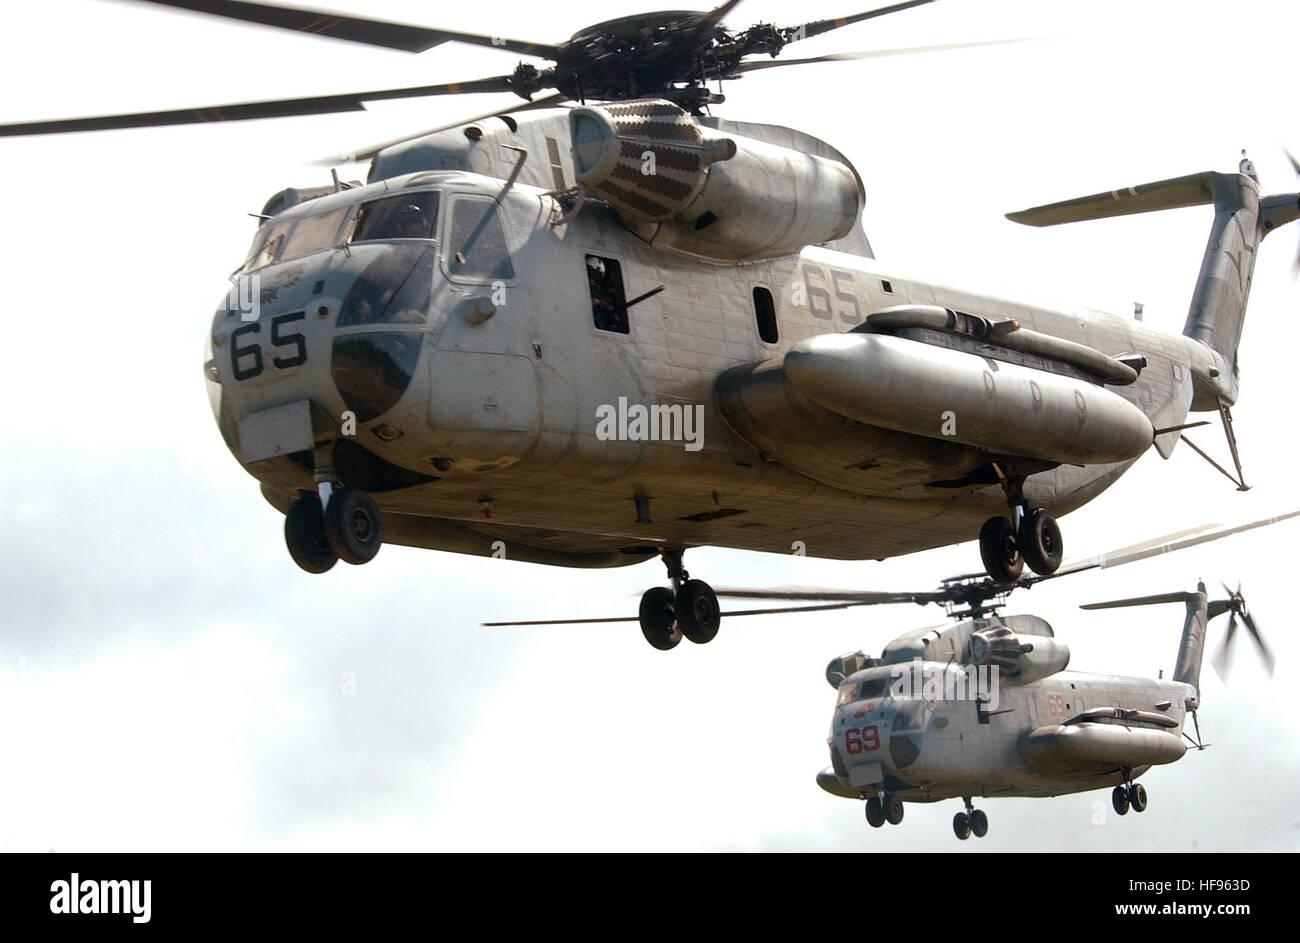 040717-N-6932B-204 Zone Formation Kahuku (Oahu, Hawaï, le 17 juillet 2004) - CH-53D Sea Stallion Helicopters le ÒRed LionsÓ affectées à des aires marines de l'Escadron d'hélicoptères lourds trois Six trois (HMH-363) une zone d'atterrissage pour l'insertion d'une force de sauvetage maritime à partir de la 3e Régiment de Marines de la Base Marine Corps New York, lors d'une récupération d'aéronefs tactiques et de personnel (TRAP) exercer à l'appui de l'exercice RIMPAC 2004. RIMPAC est le plus grand exercice maritime international dans les eaux autour des îles hawaïennes. L'exercice de cette année comprend les sept pays participants; l'Australie, Canad Banque D'Images